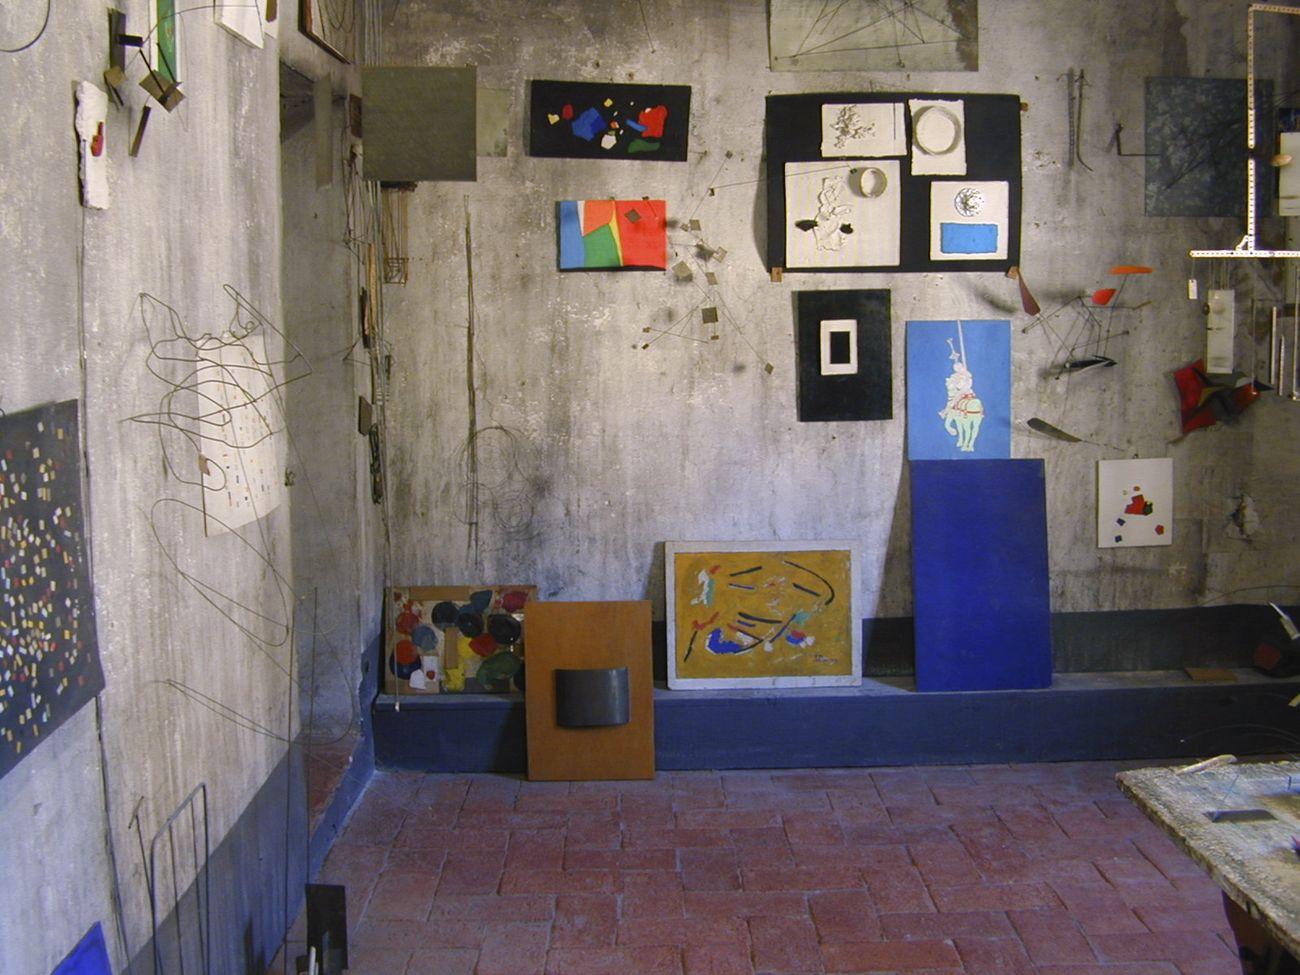 Casa studio Fernando Melani, Pistoia. Photo © Carlo Chiavacci. Su concessione del Comune di Pistoia